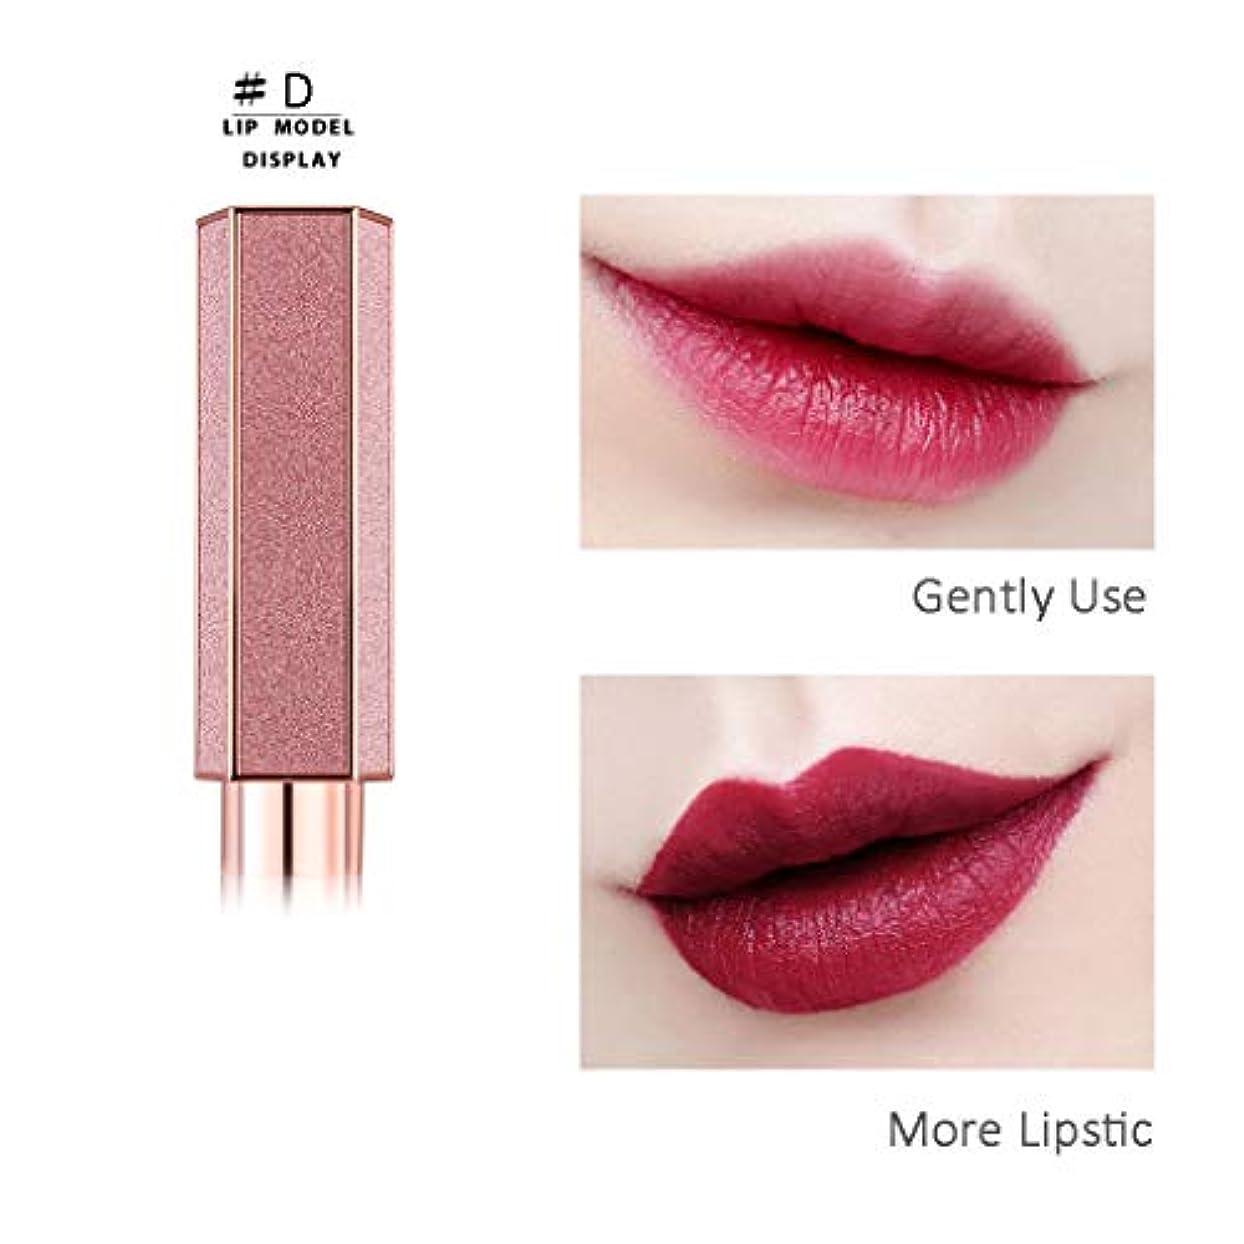 備品アラブキャンセル化粧品のWODWODの星空の口紅の口紅の長続きがする保湿の美